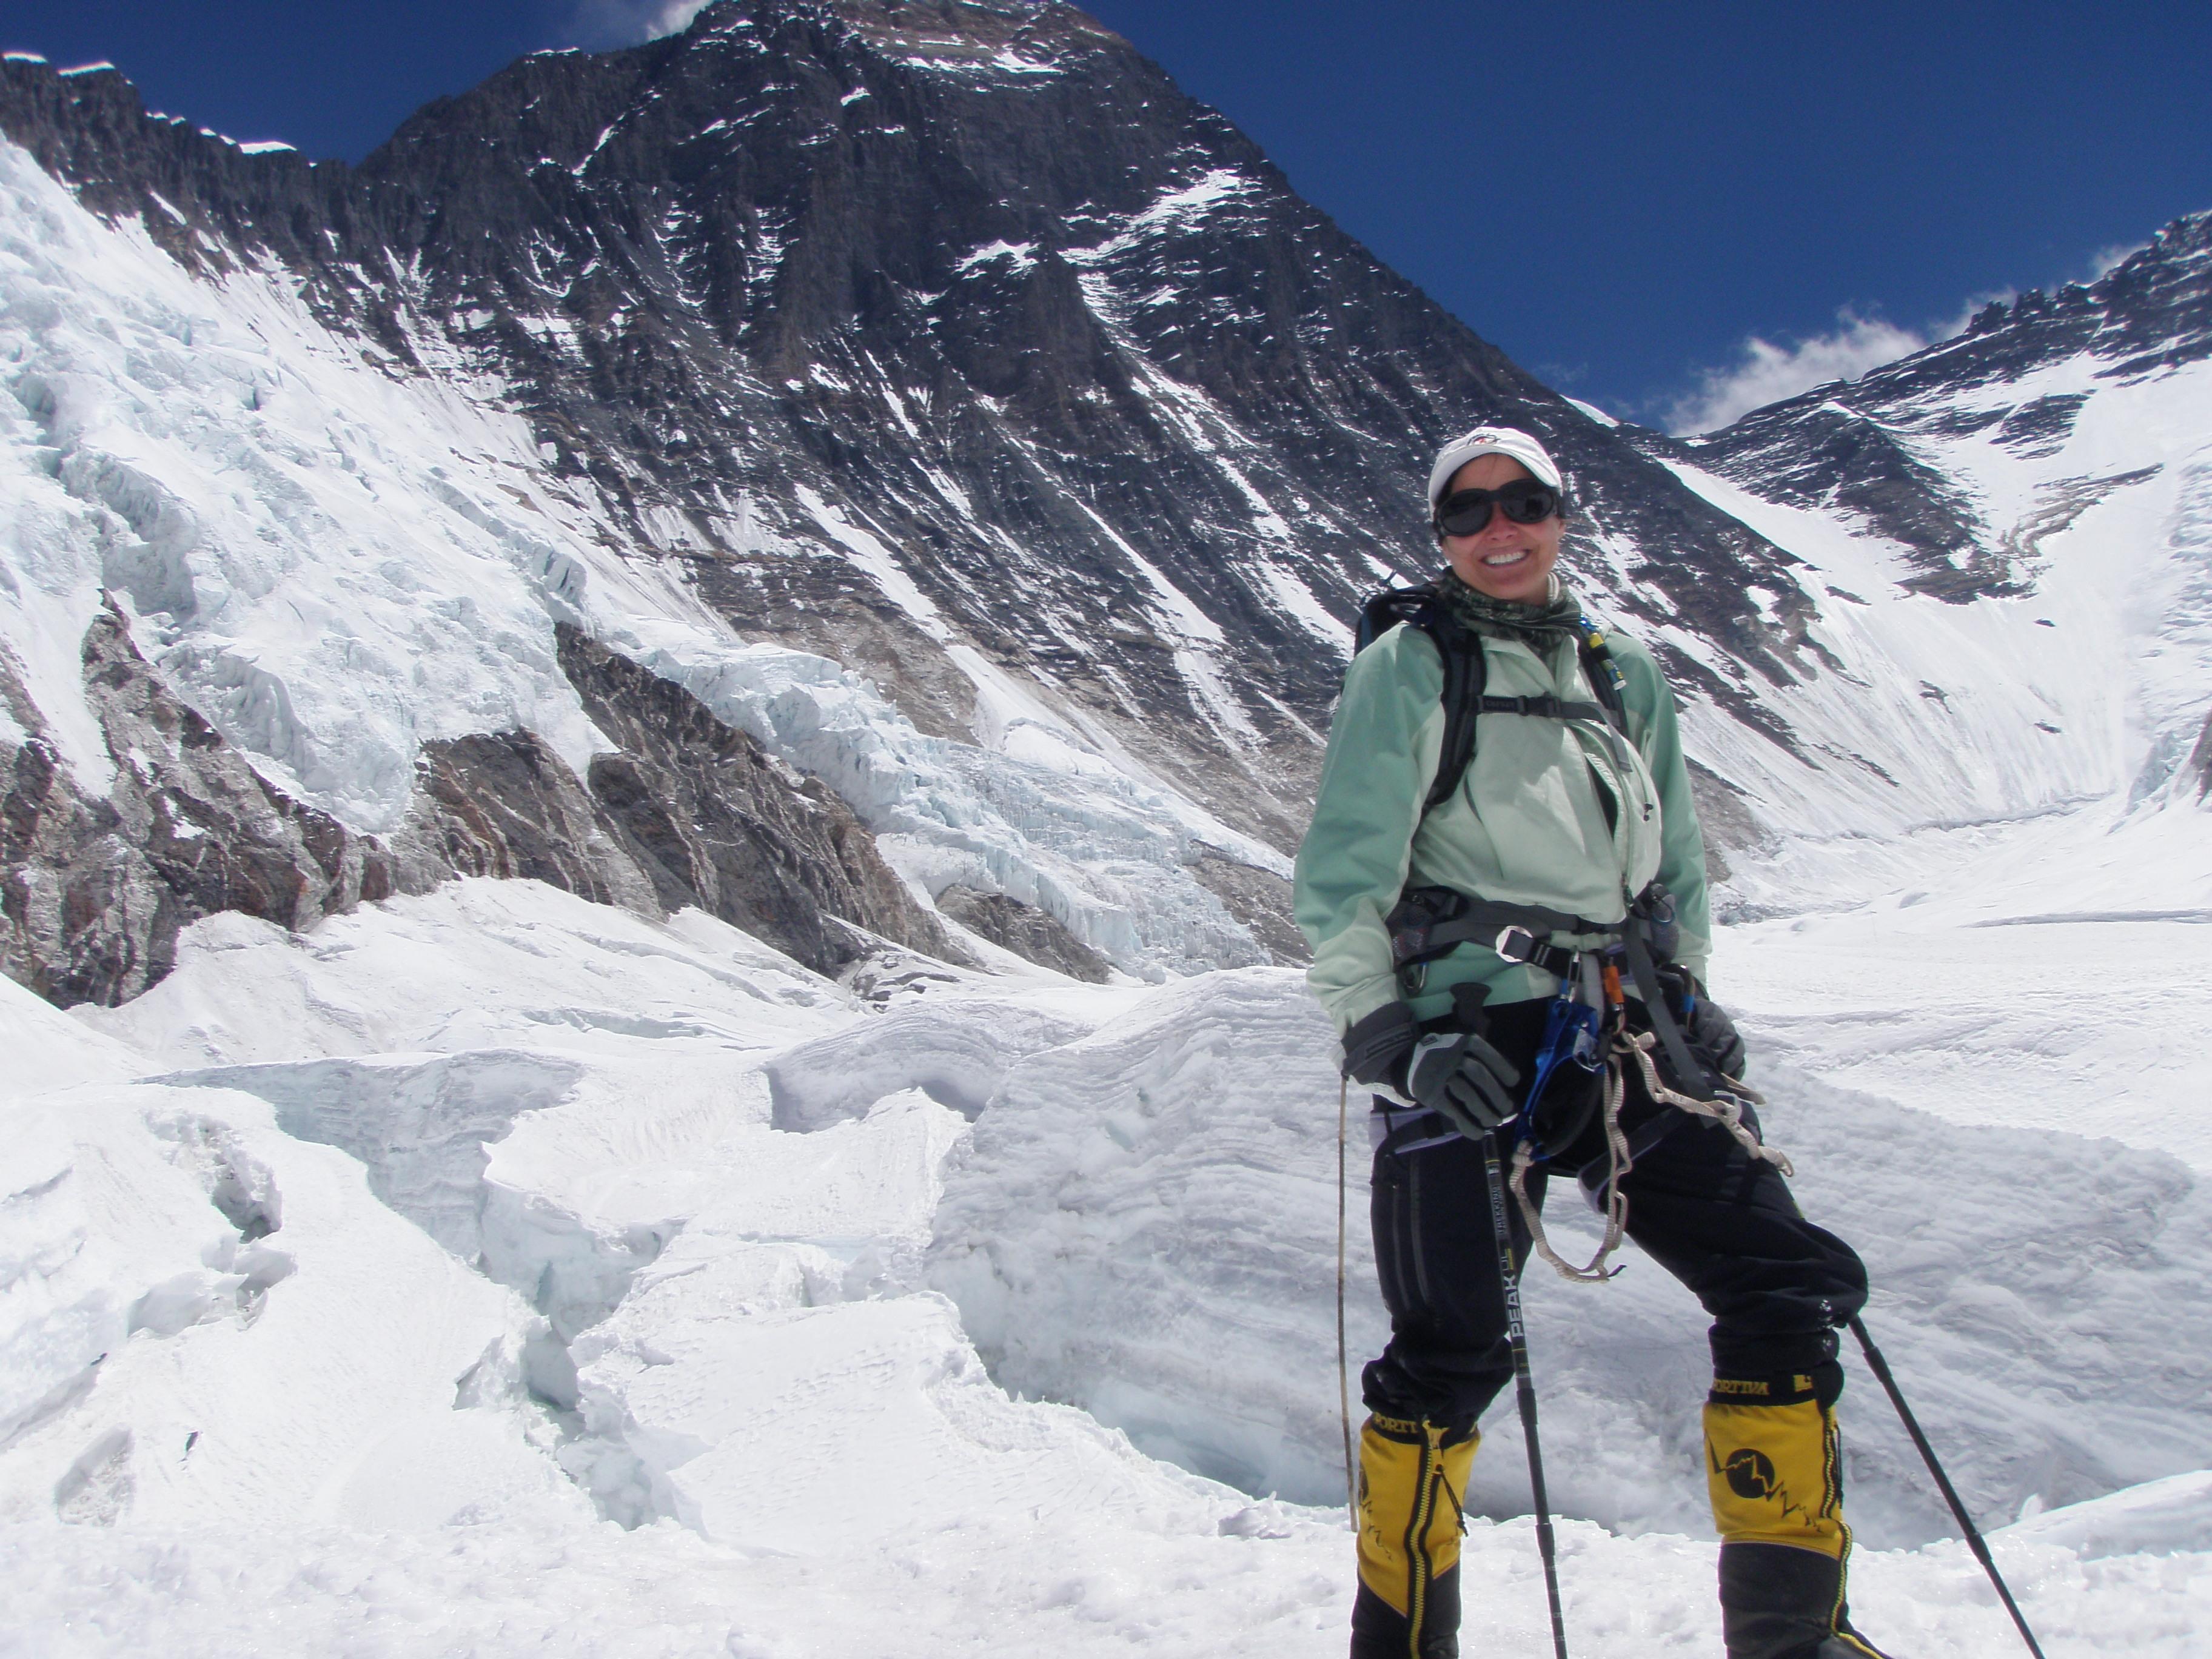 lori-schneider-mount-everest-summit-in-background